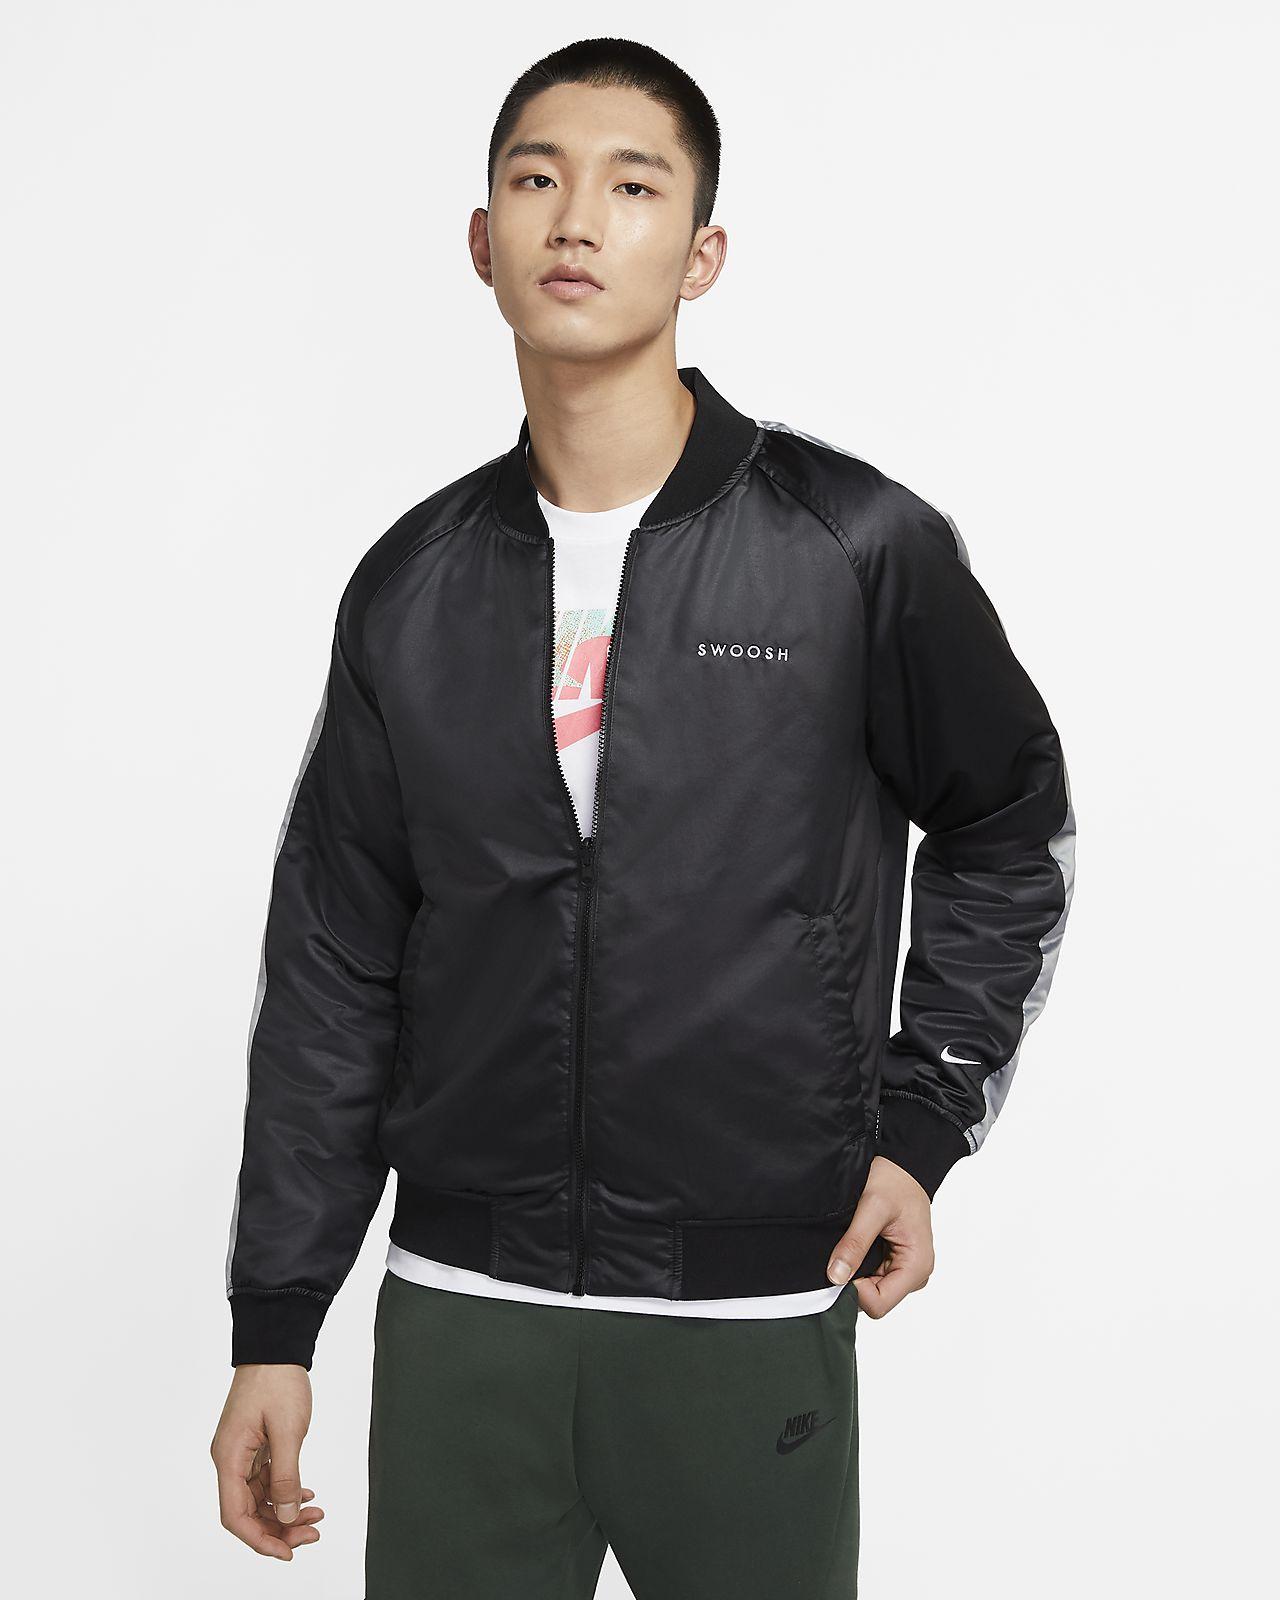 Nike Sportswear Swoosh 男子梭织夹克